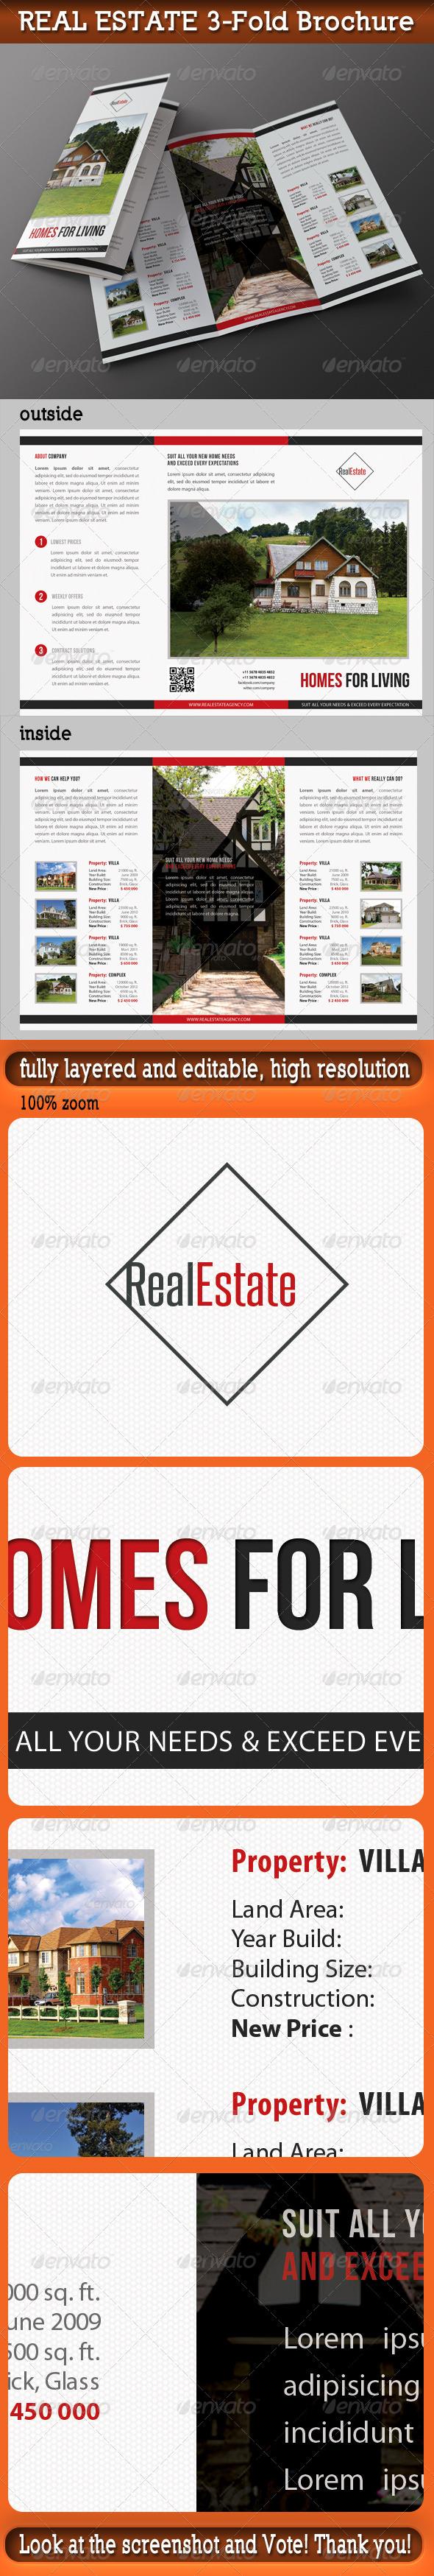 GraphicRiver Real Estate 3-Fold Brochure 01 7354154